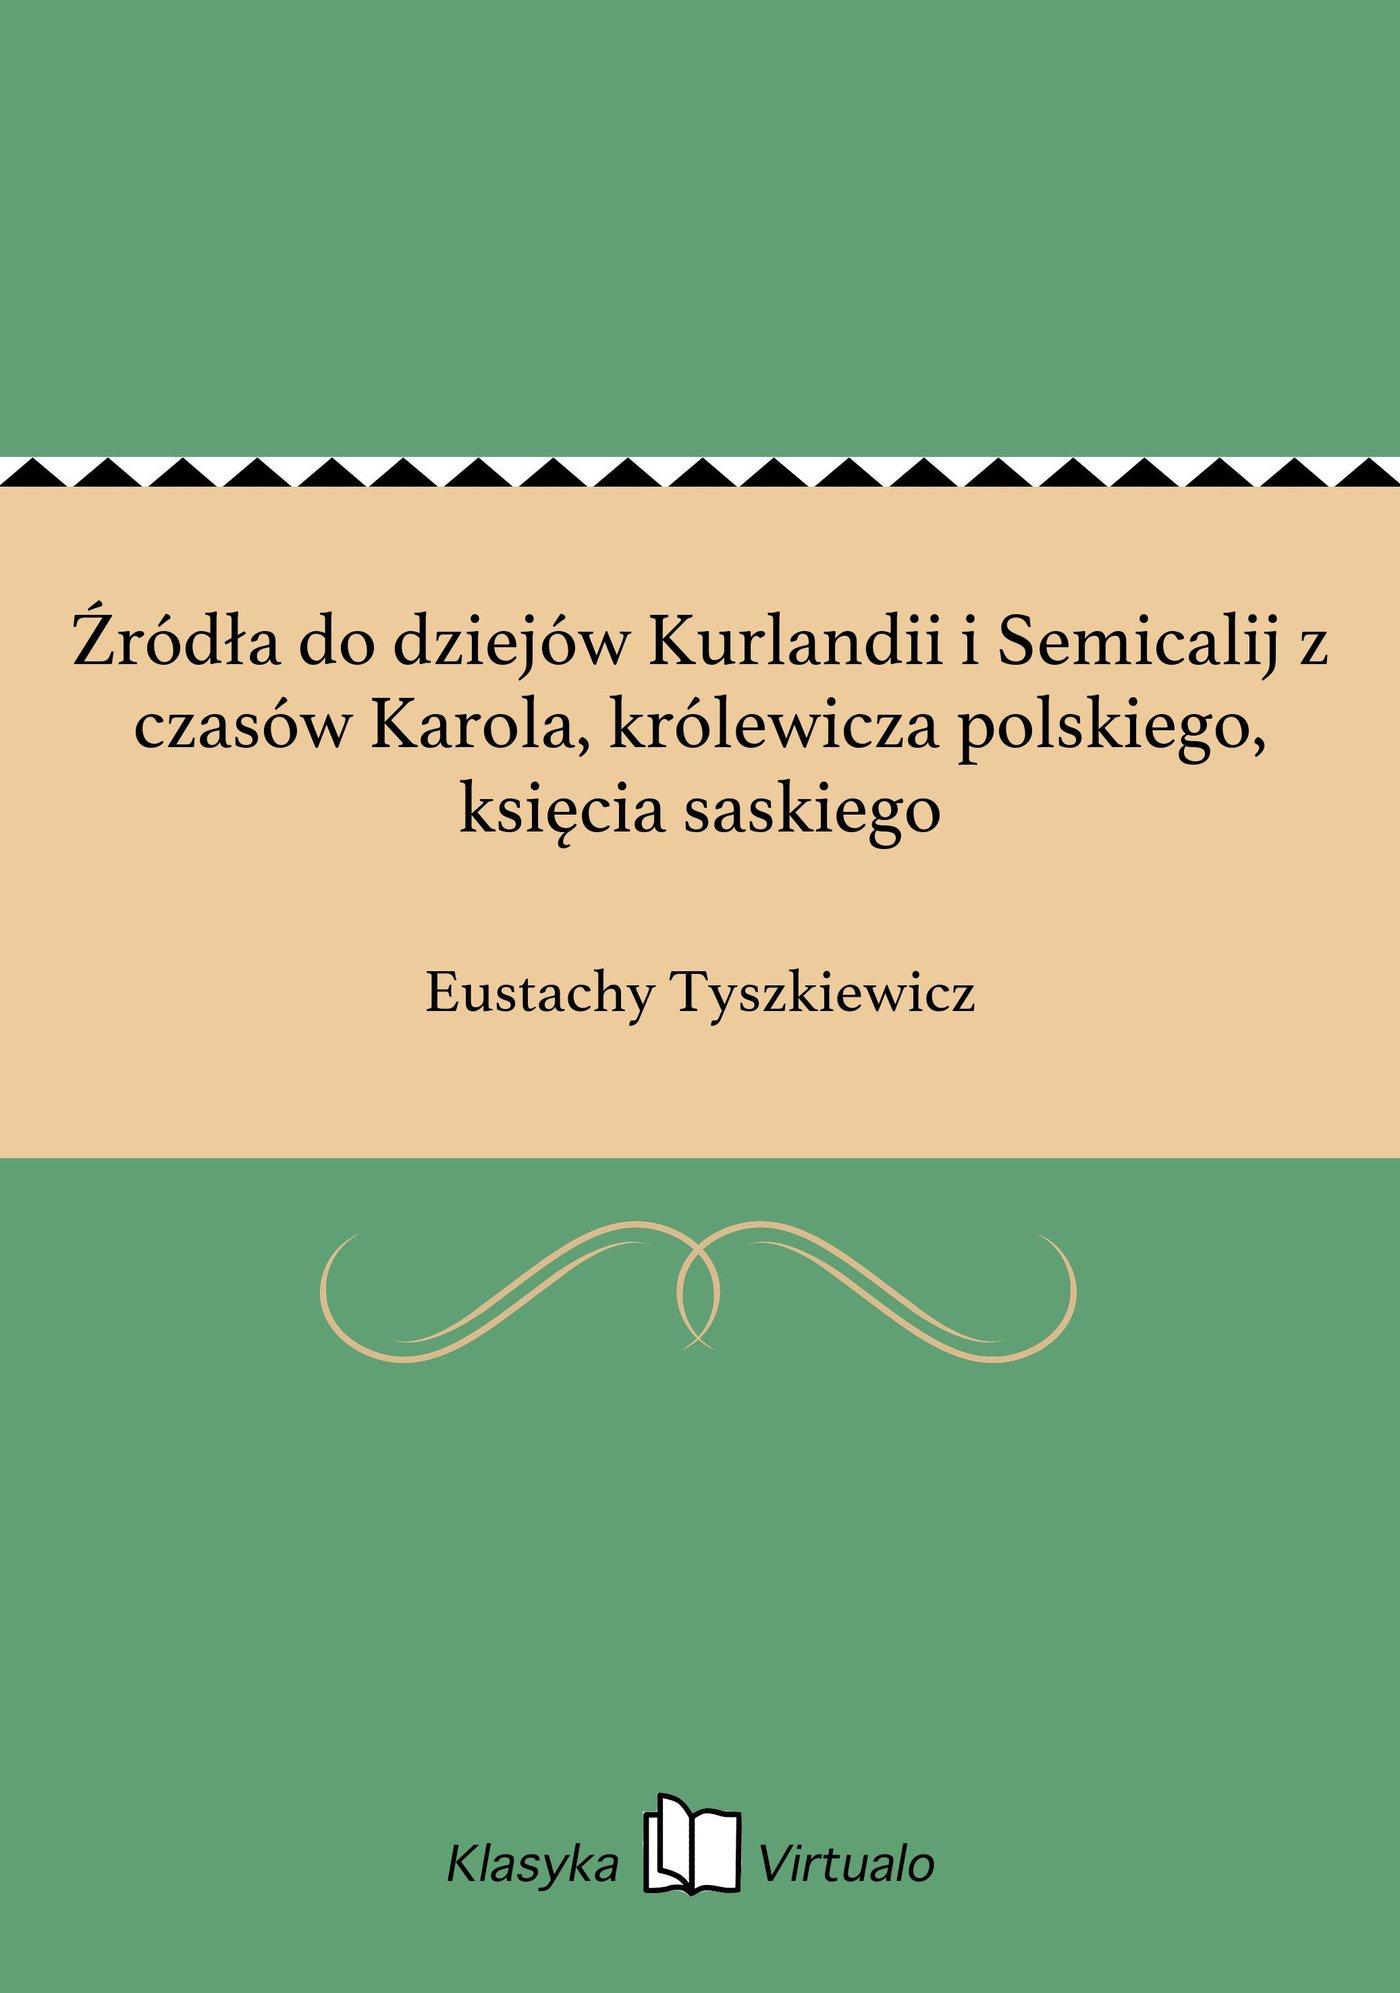 Źródła do dziejów Kurlandii i Semicalij z czasów Karola, królewicza polskiego, księcia saskiego - Ebook (Książka EPUB) do pobrania w formacie EPUB